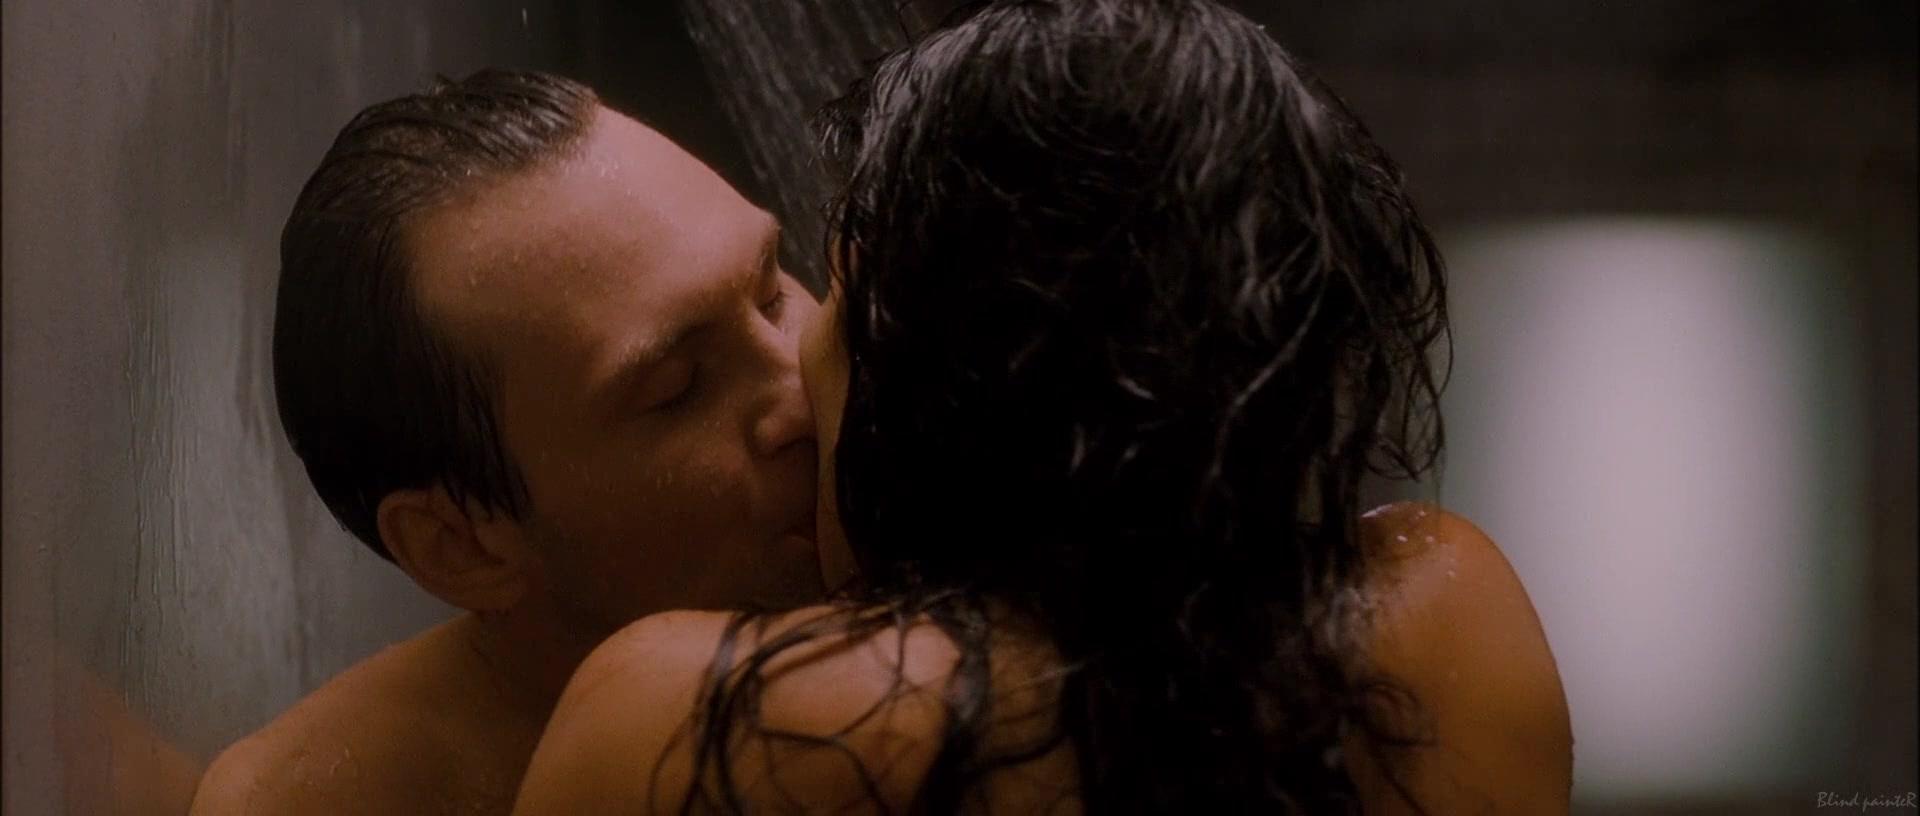 Patricia velasquez nude hot